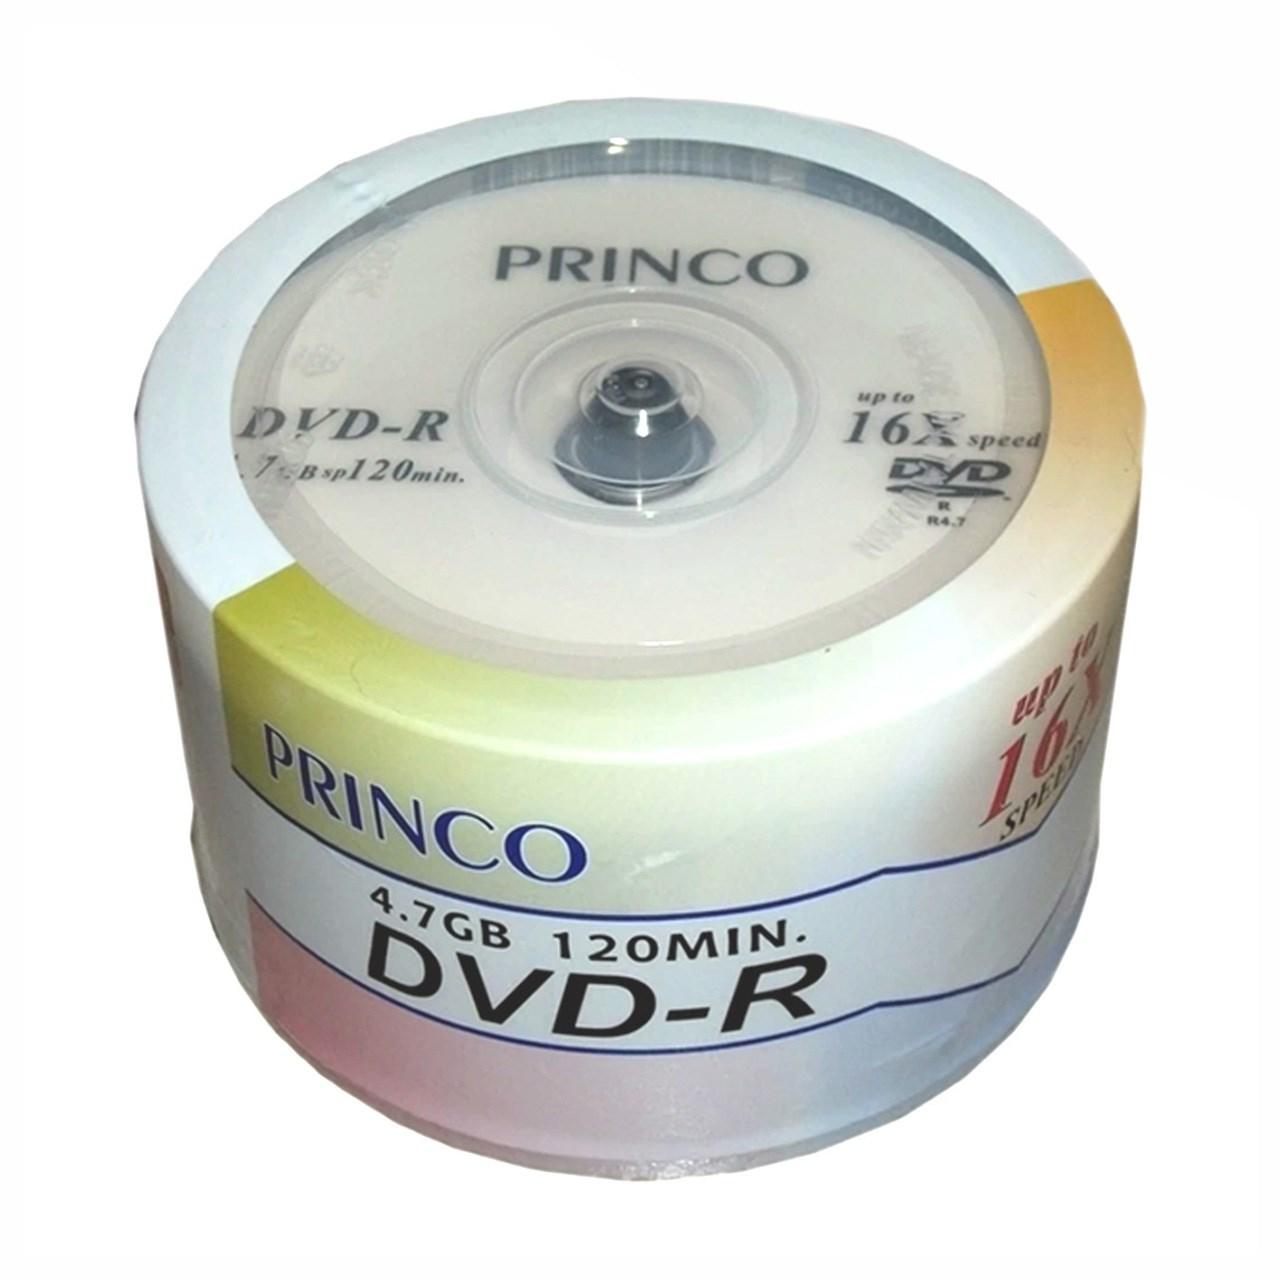 دی وی دی خام پرینکو بسته 50 عددی